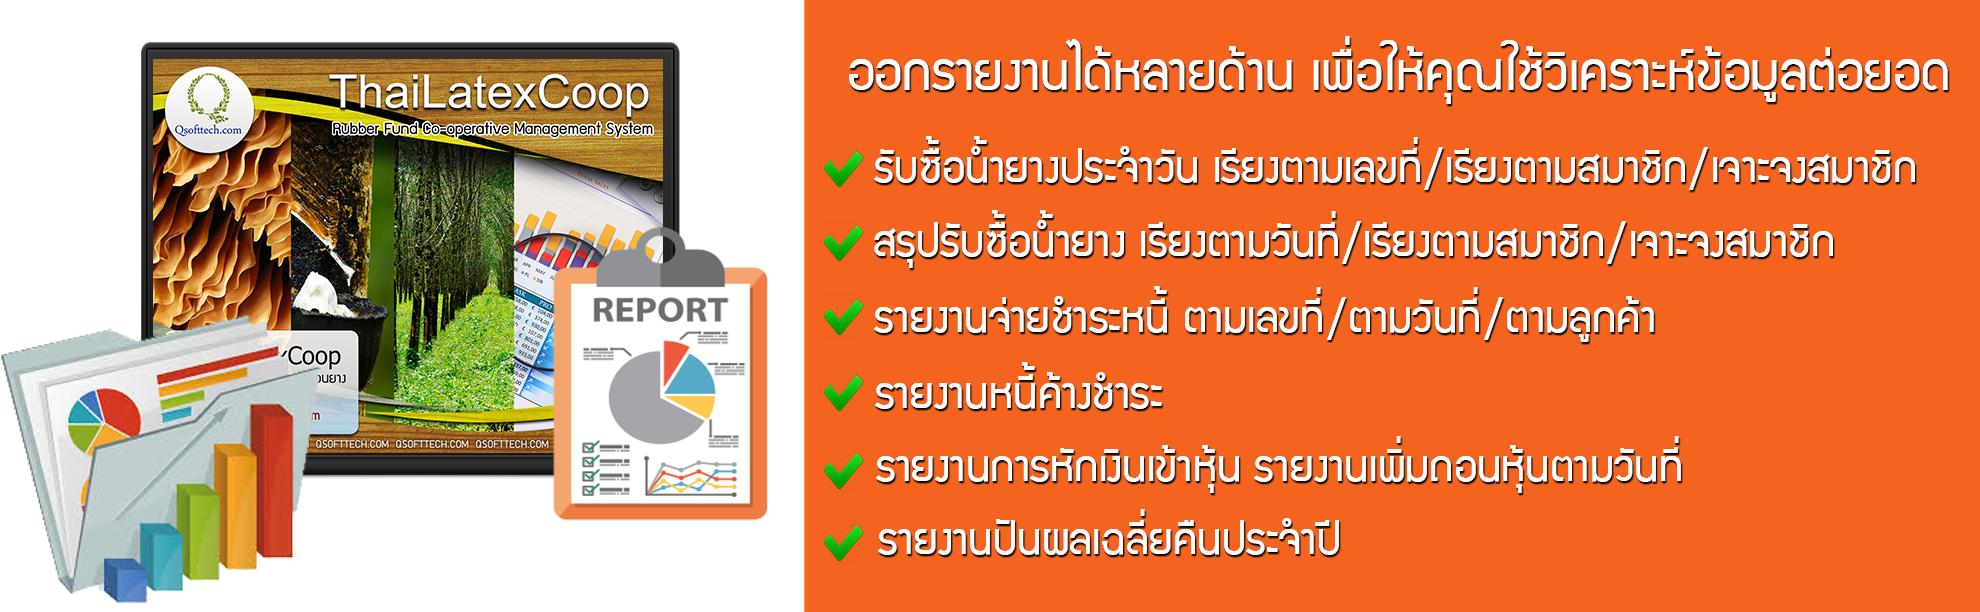 ออกรายงานได้หลายด้าน-ฟังก์ชั่นโปรแกรมสหกรณ์ thailatexcoop